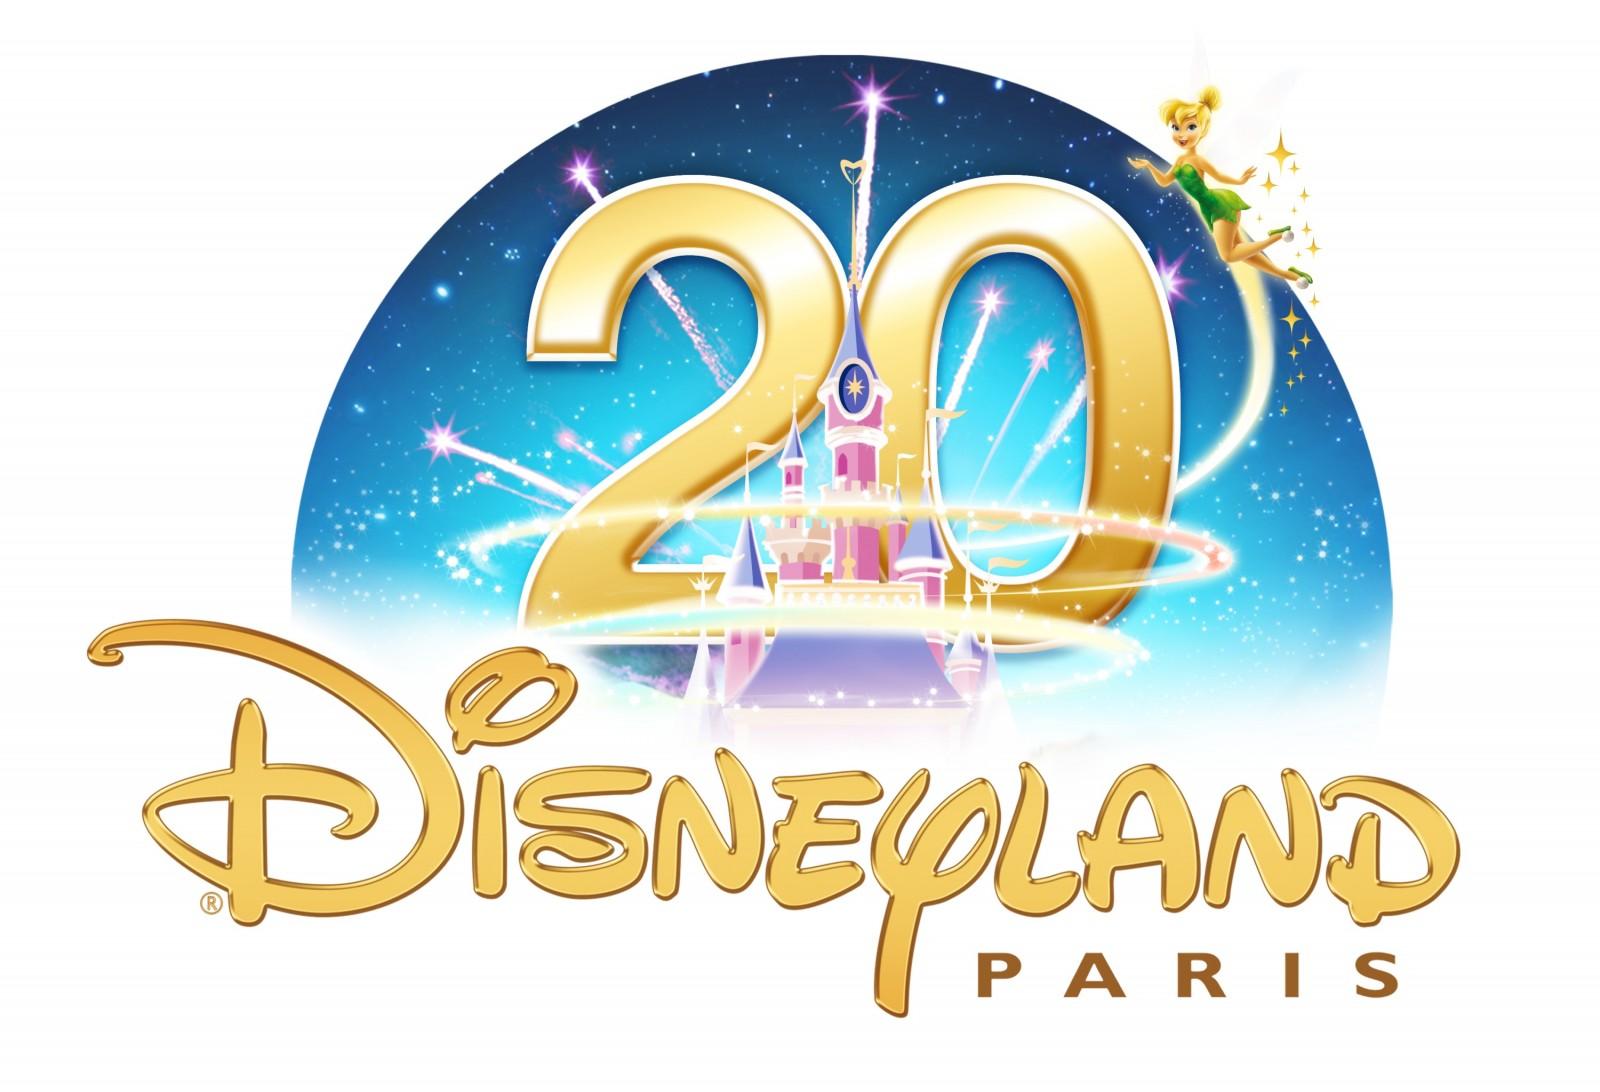 Eerste Logo S Voor De 20ste Verjaardag Van Disneyland Paris